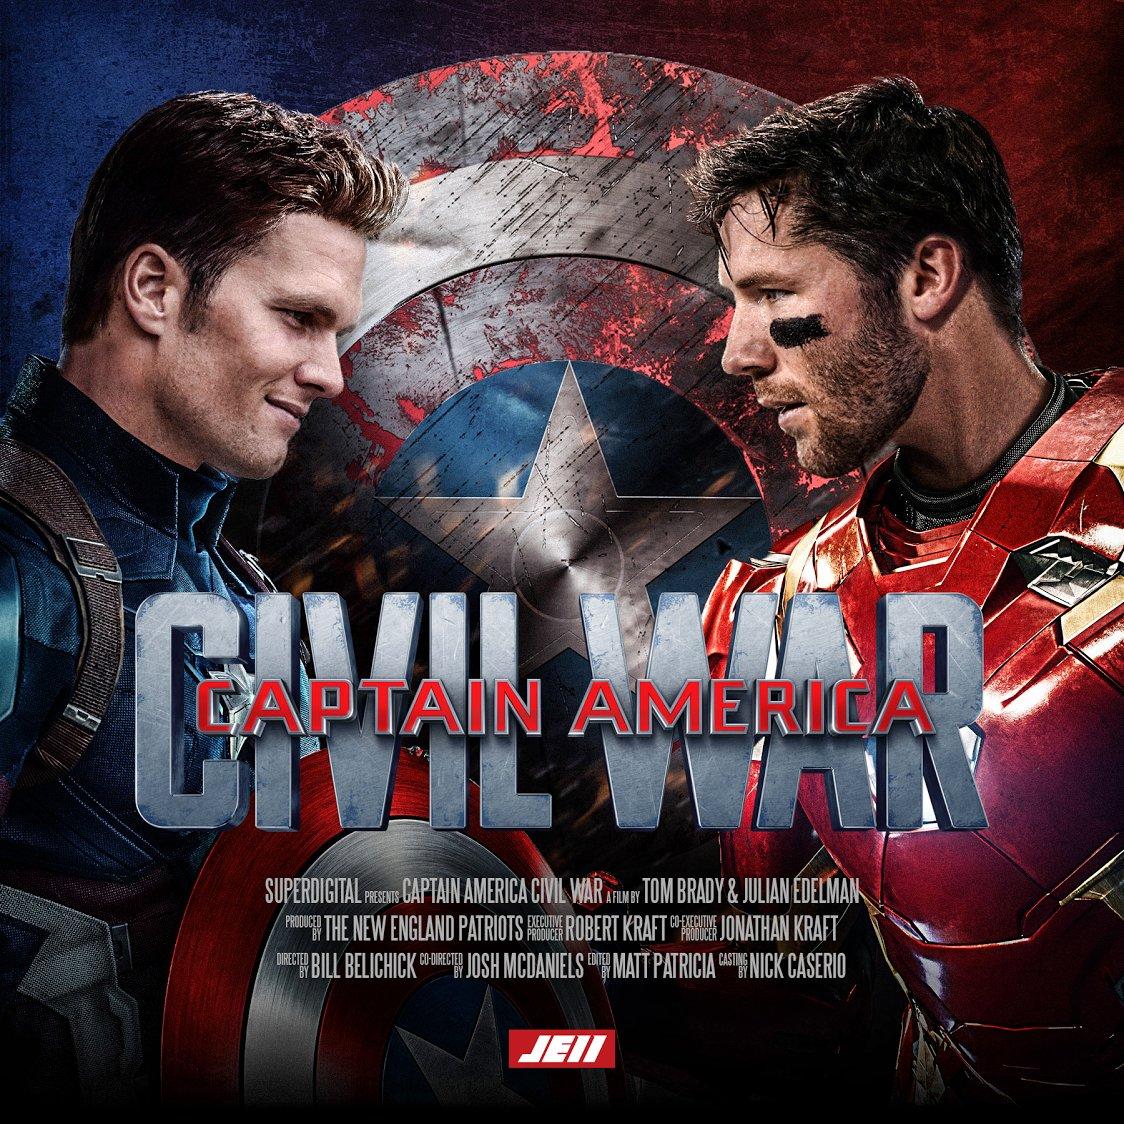 Captain America: Tom Brady